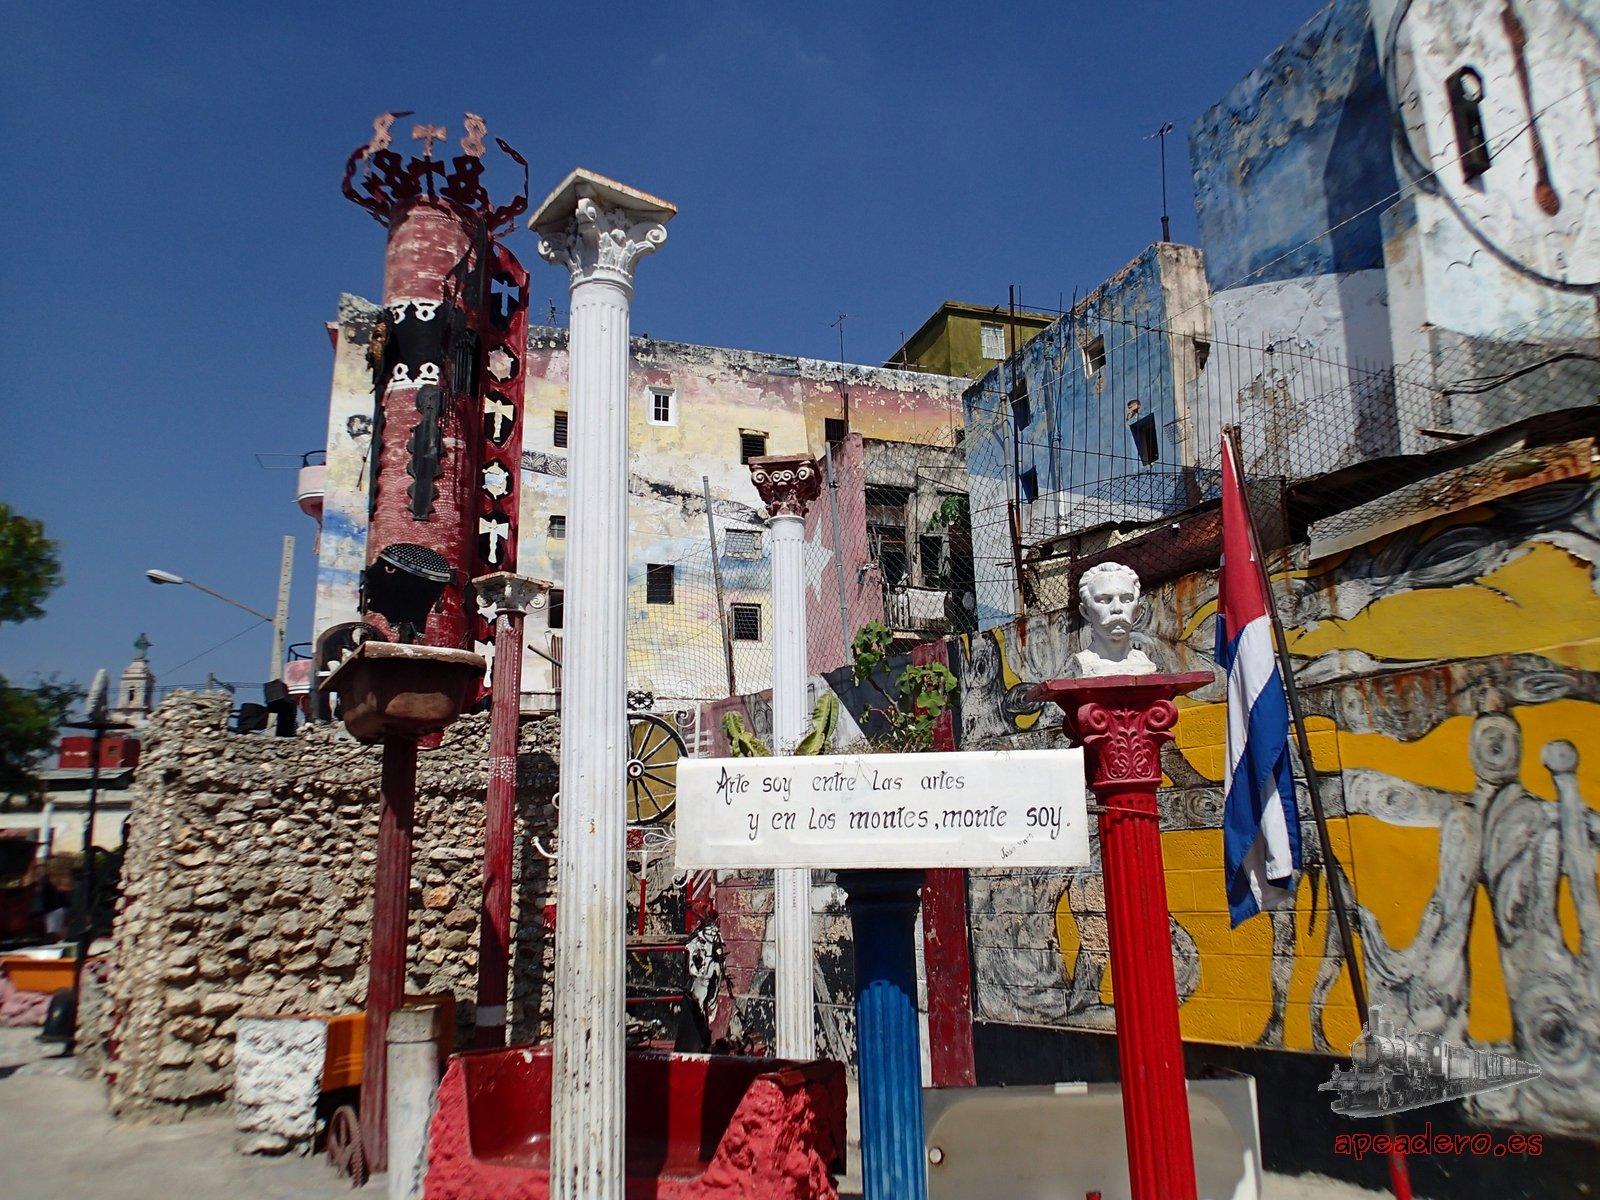 El callejón de Hamel es el lugar dónde se debe estar el domingo a mediodía.